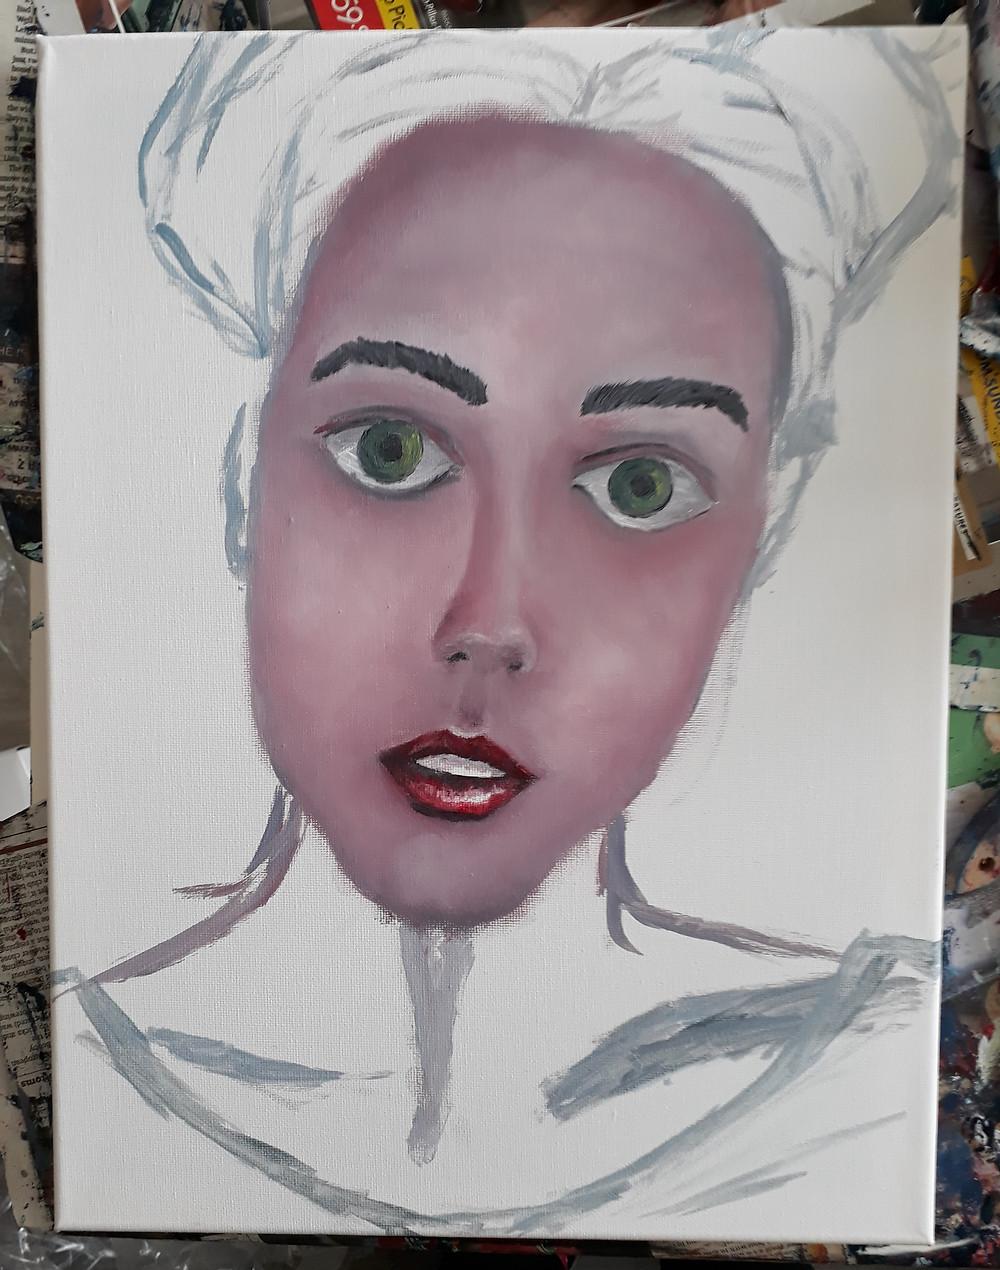 Work in progress, a portrait.